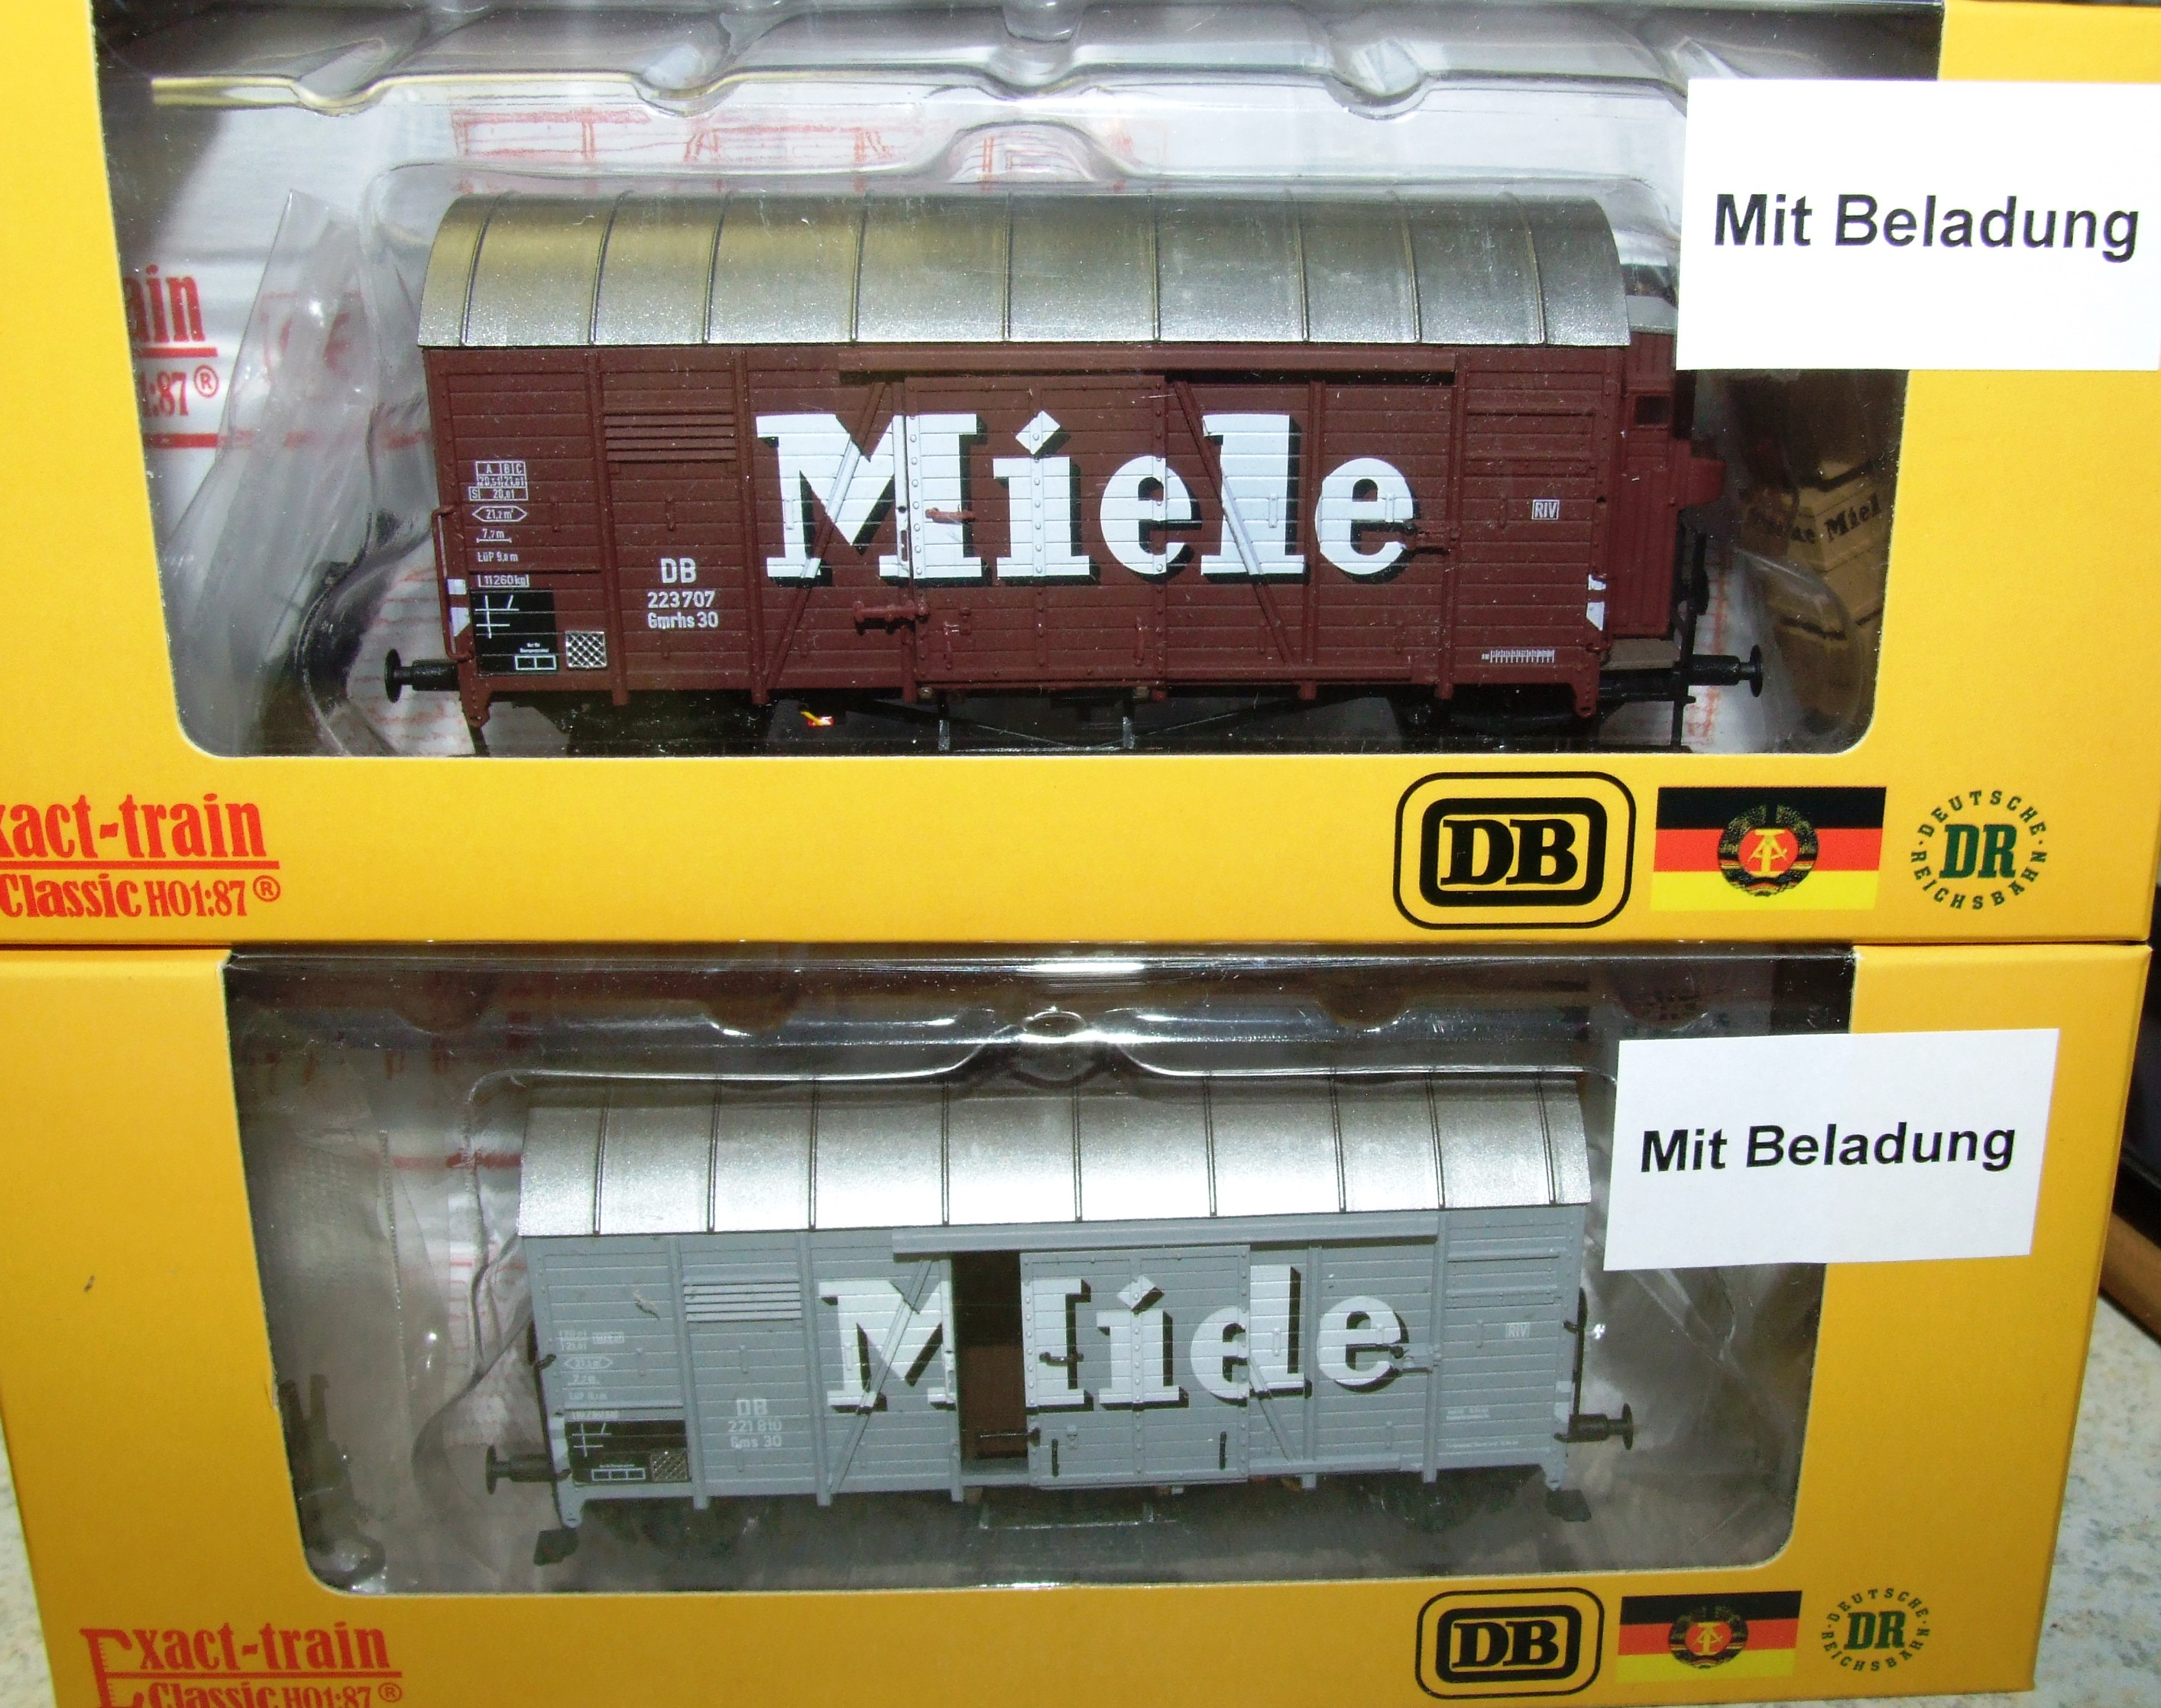 Exact-train EX20277 DB Oppeln Miele Braun (Bremserhaus/Gleitlager) mit Beladung